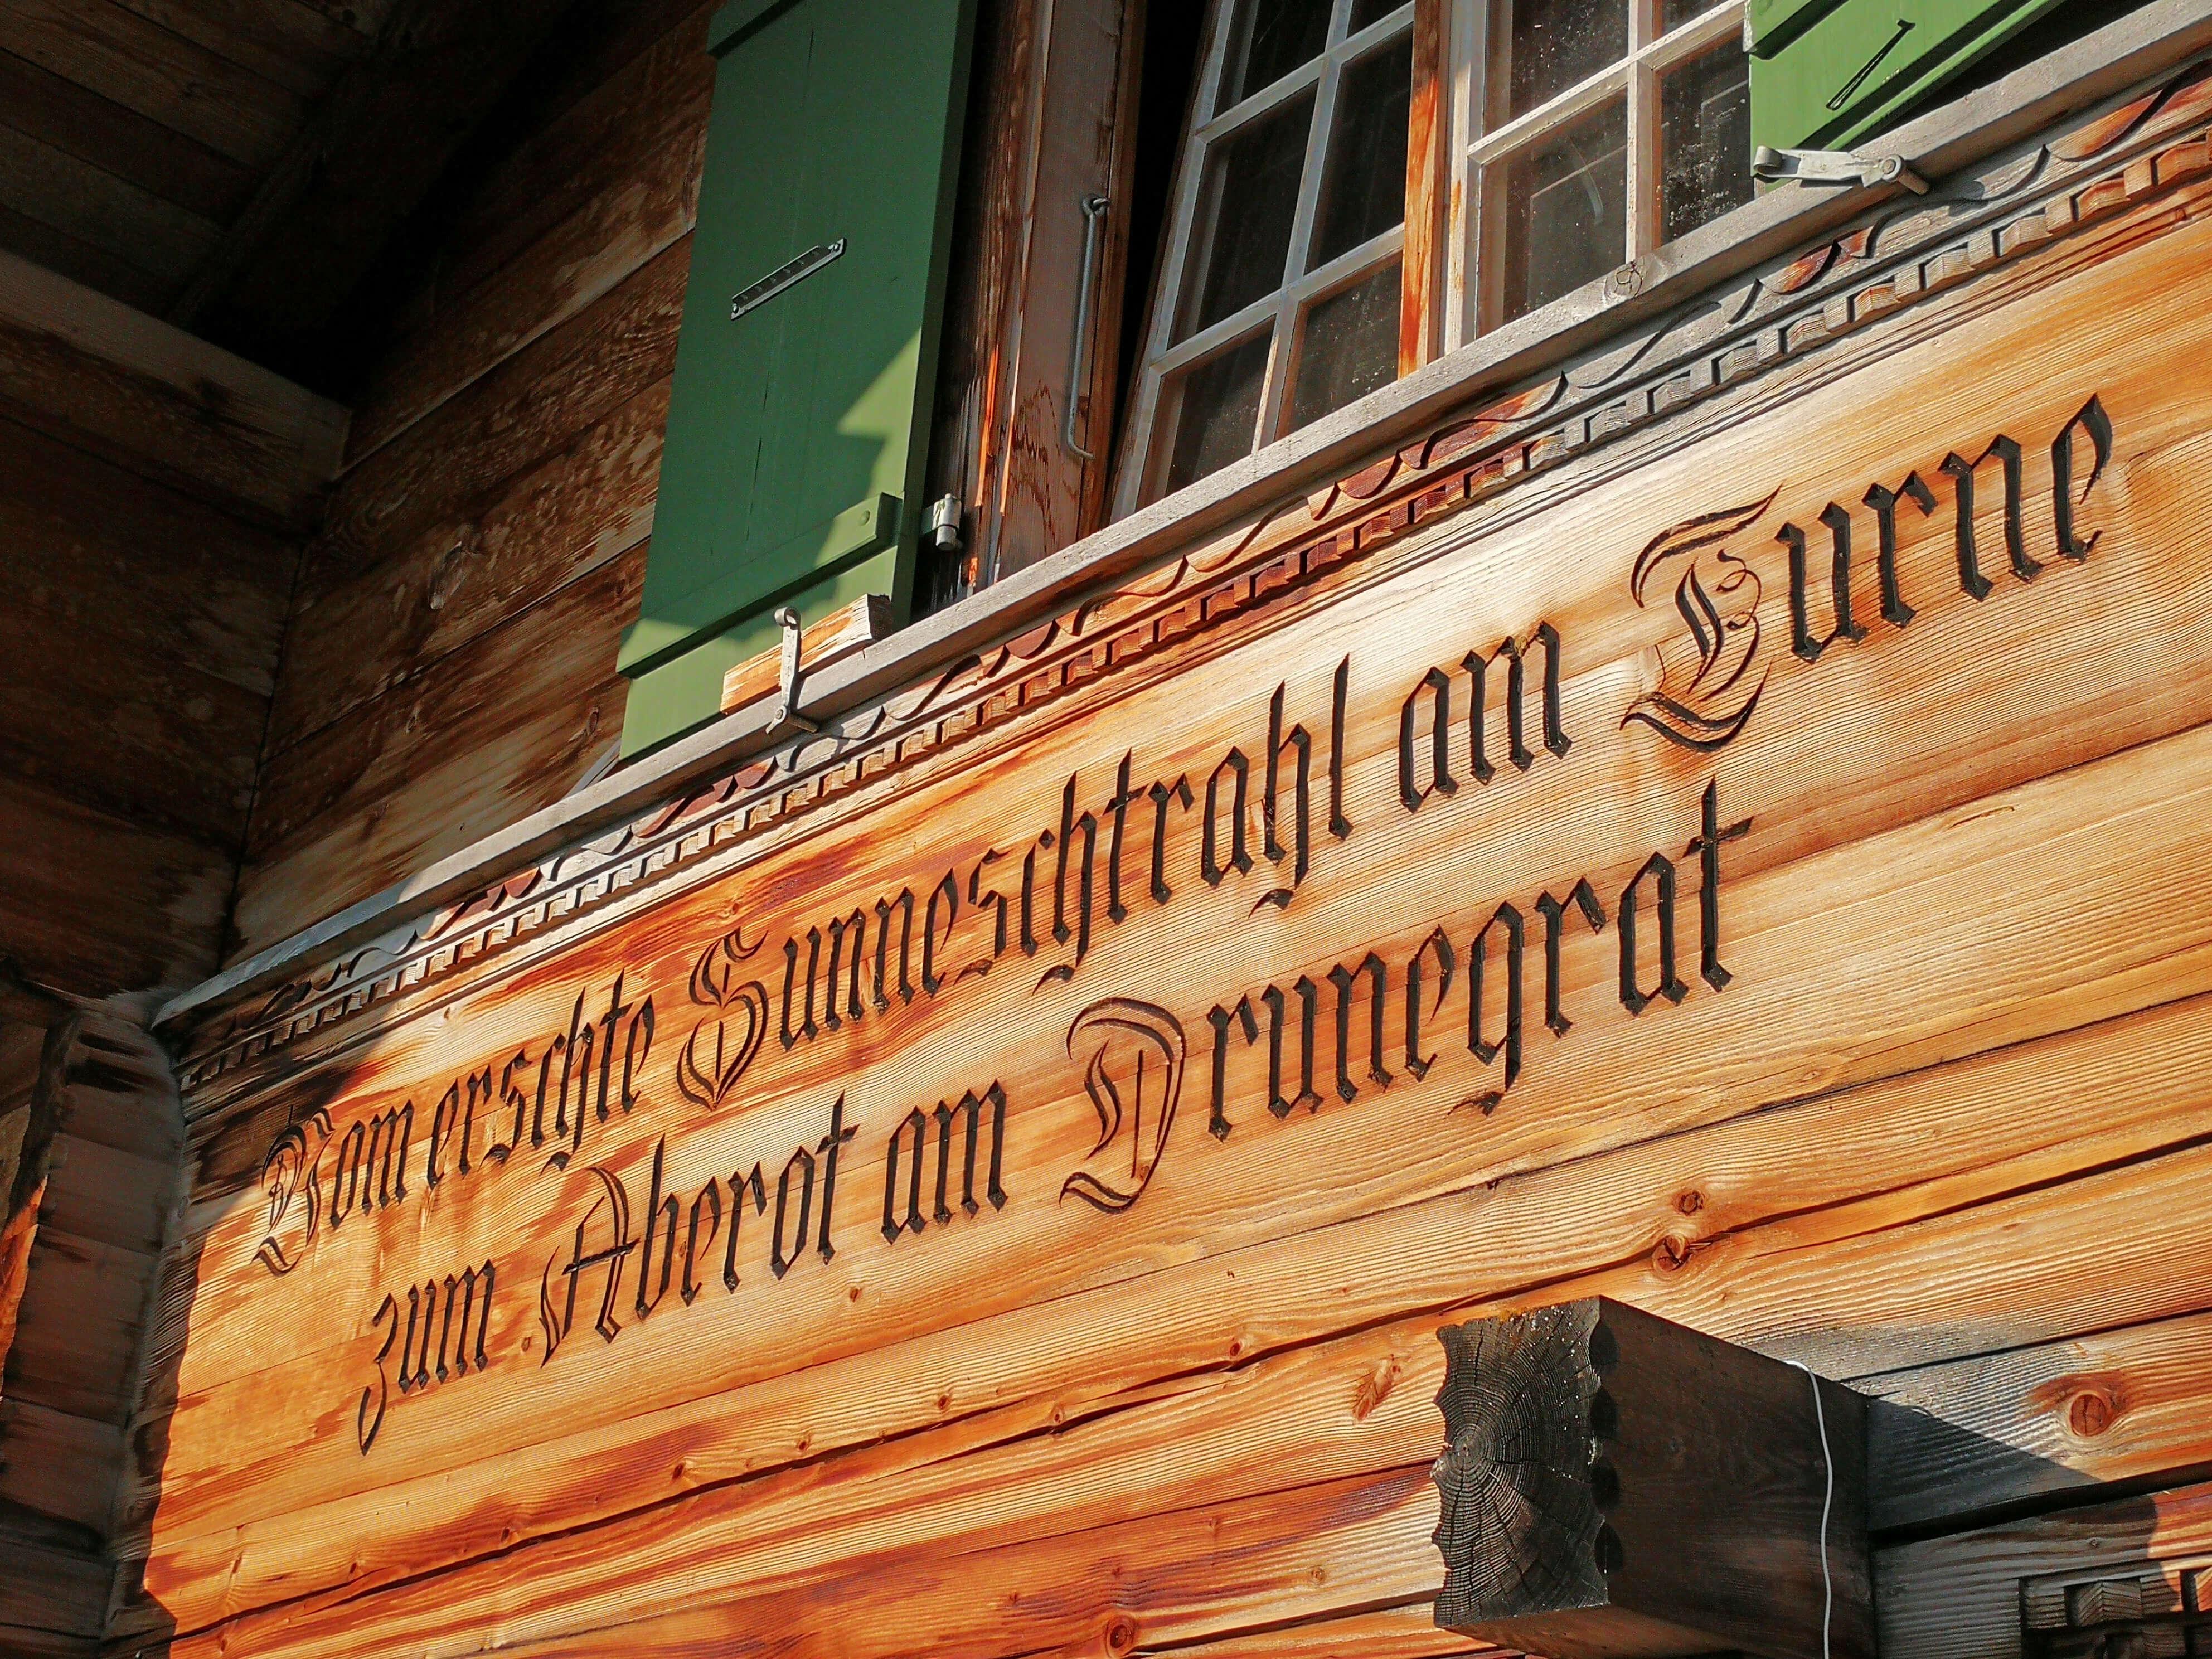 Spruch an der Hauswand der Sennhütte Menigwald